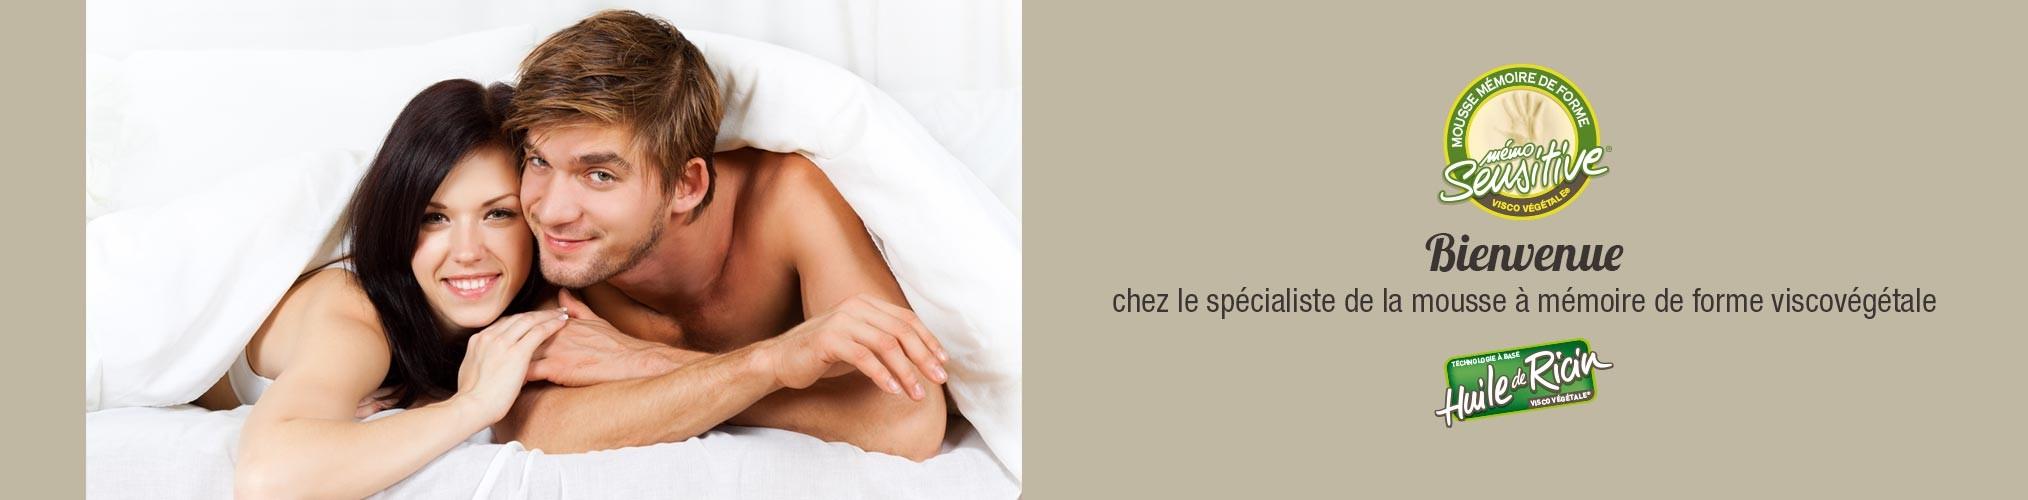 """Biotex le spécialiste de la mousse à mémoire de forme """"Visco"""" végétale : matelas, oreillers, accessoires de confort"""